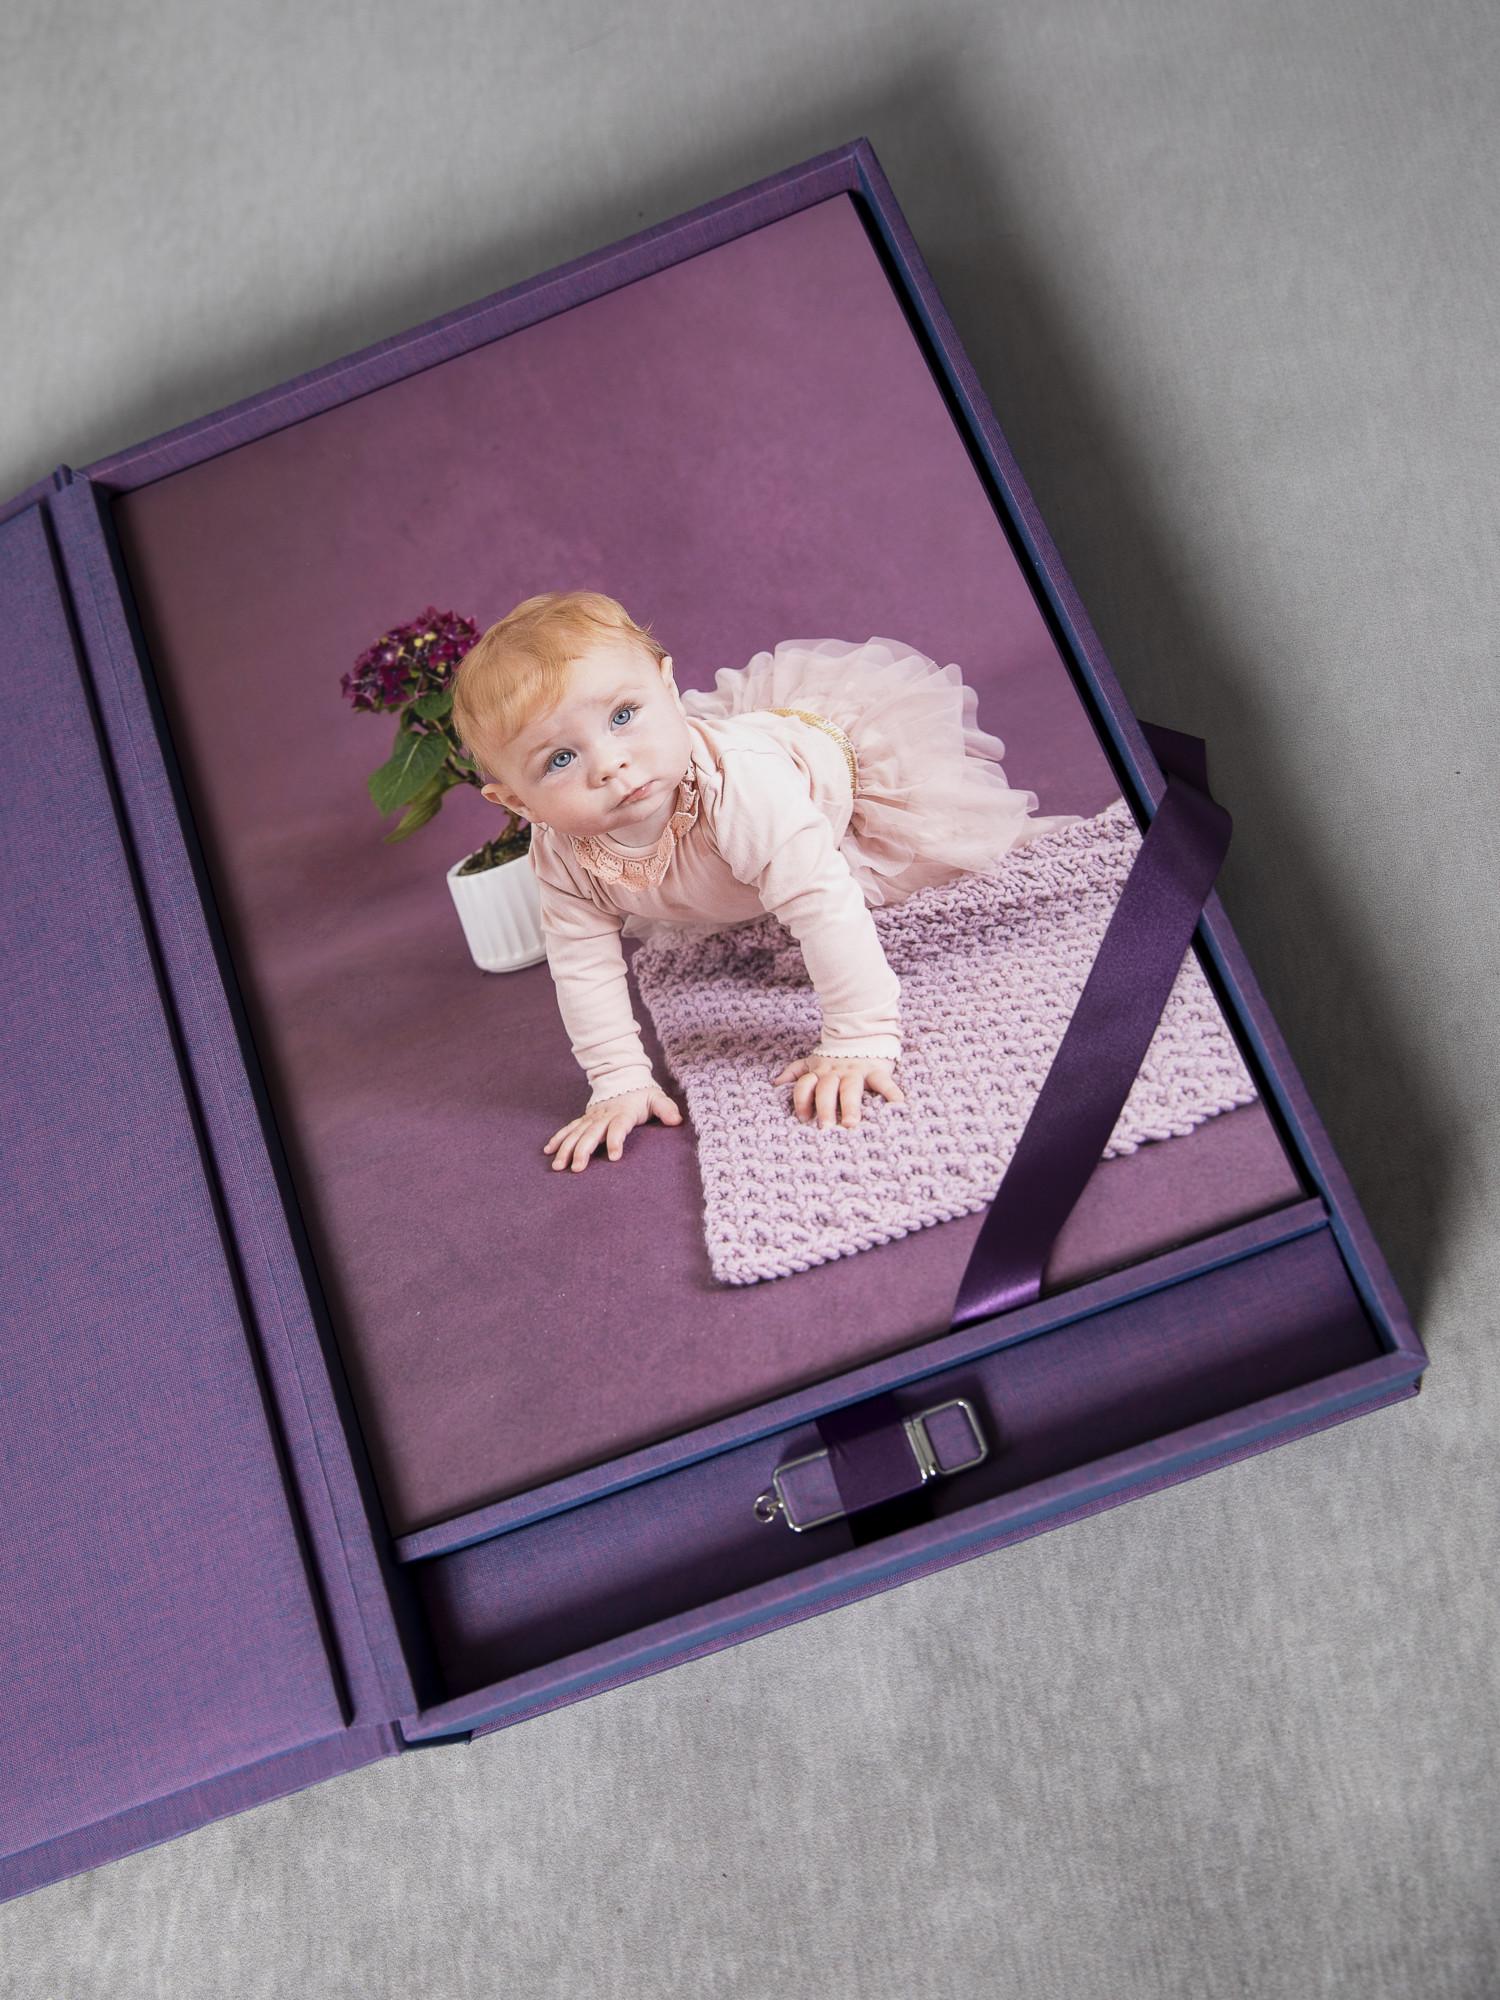 Pinkstudio by Angelina Devine My-og-Tristan-116 Forårstilbud: GRATIS babyfotografering Baby Nyheder Portræt Tilbud